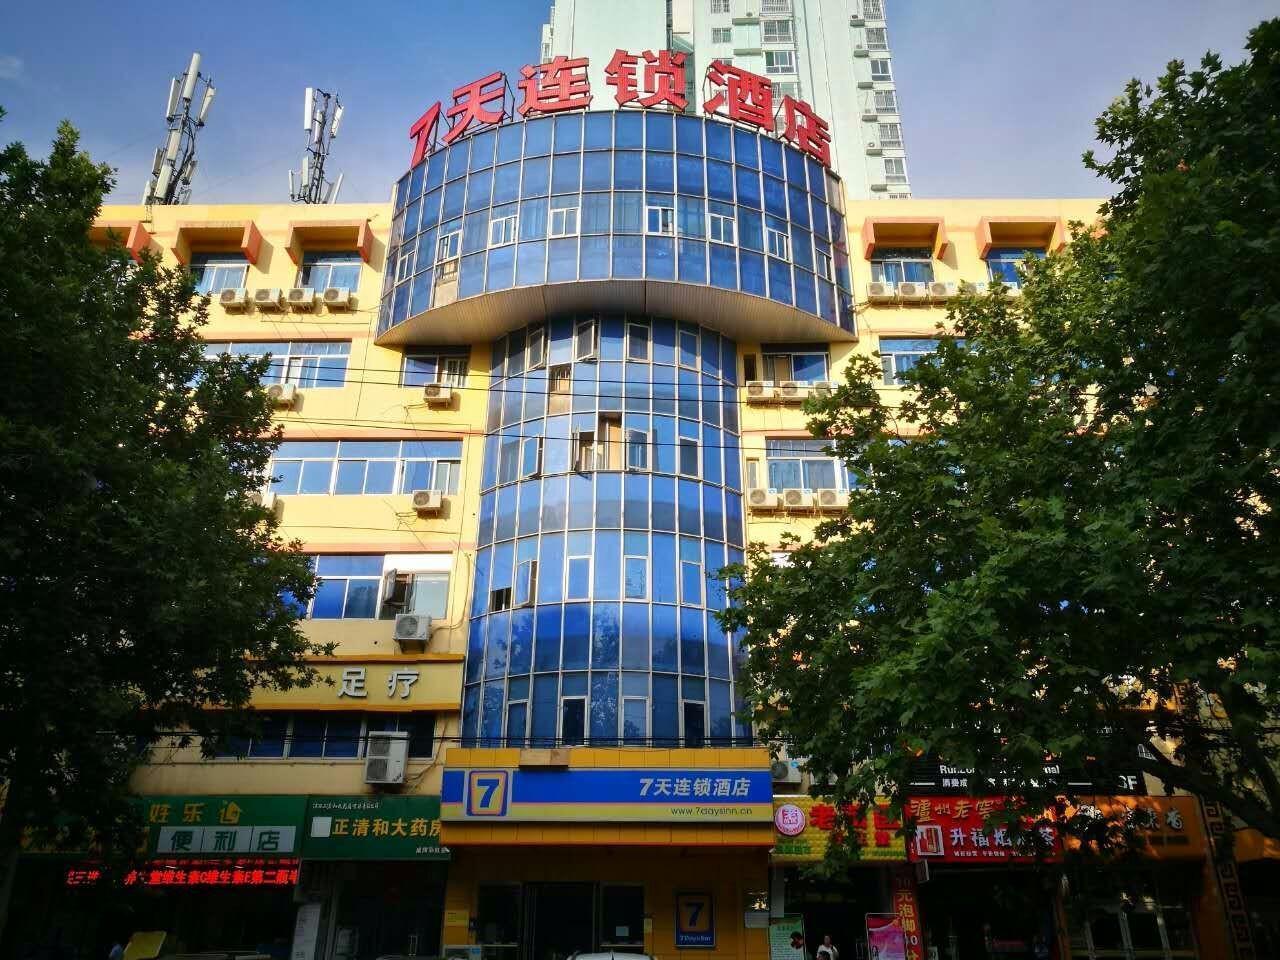 7 Days Inn·Xianyang Renmin Road Railway Station, Xianyang